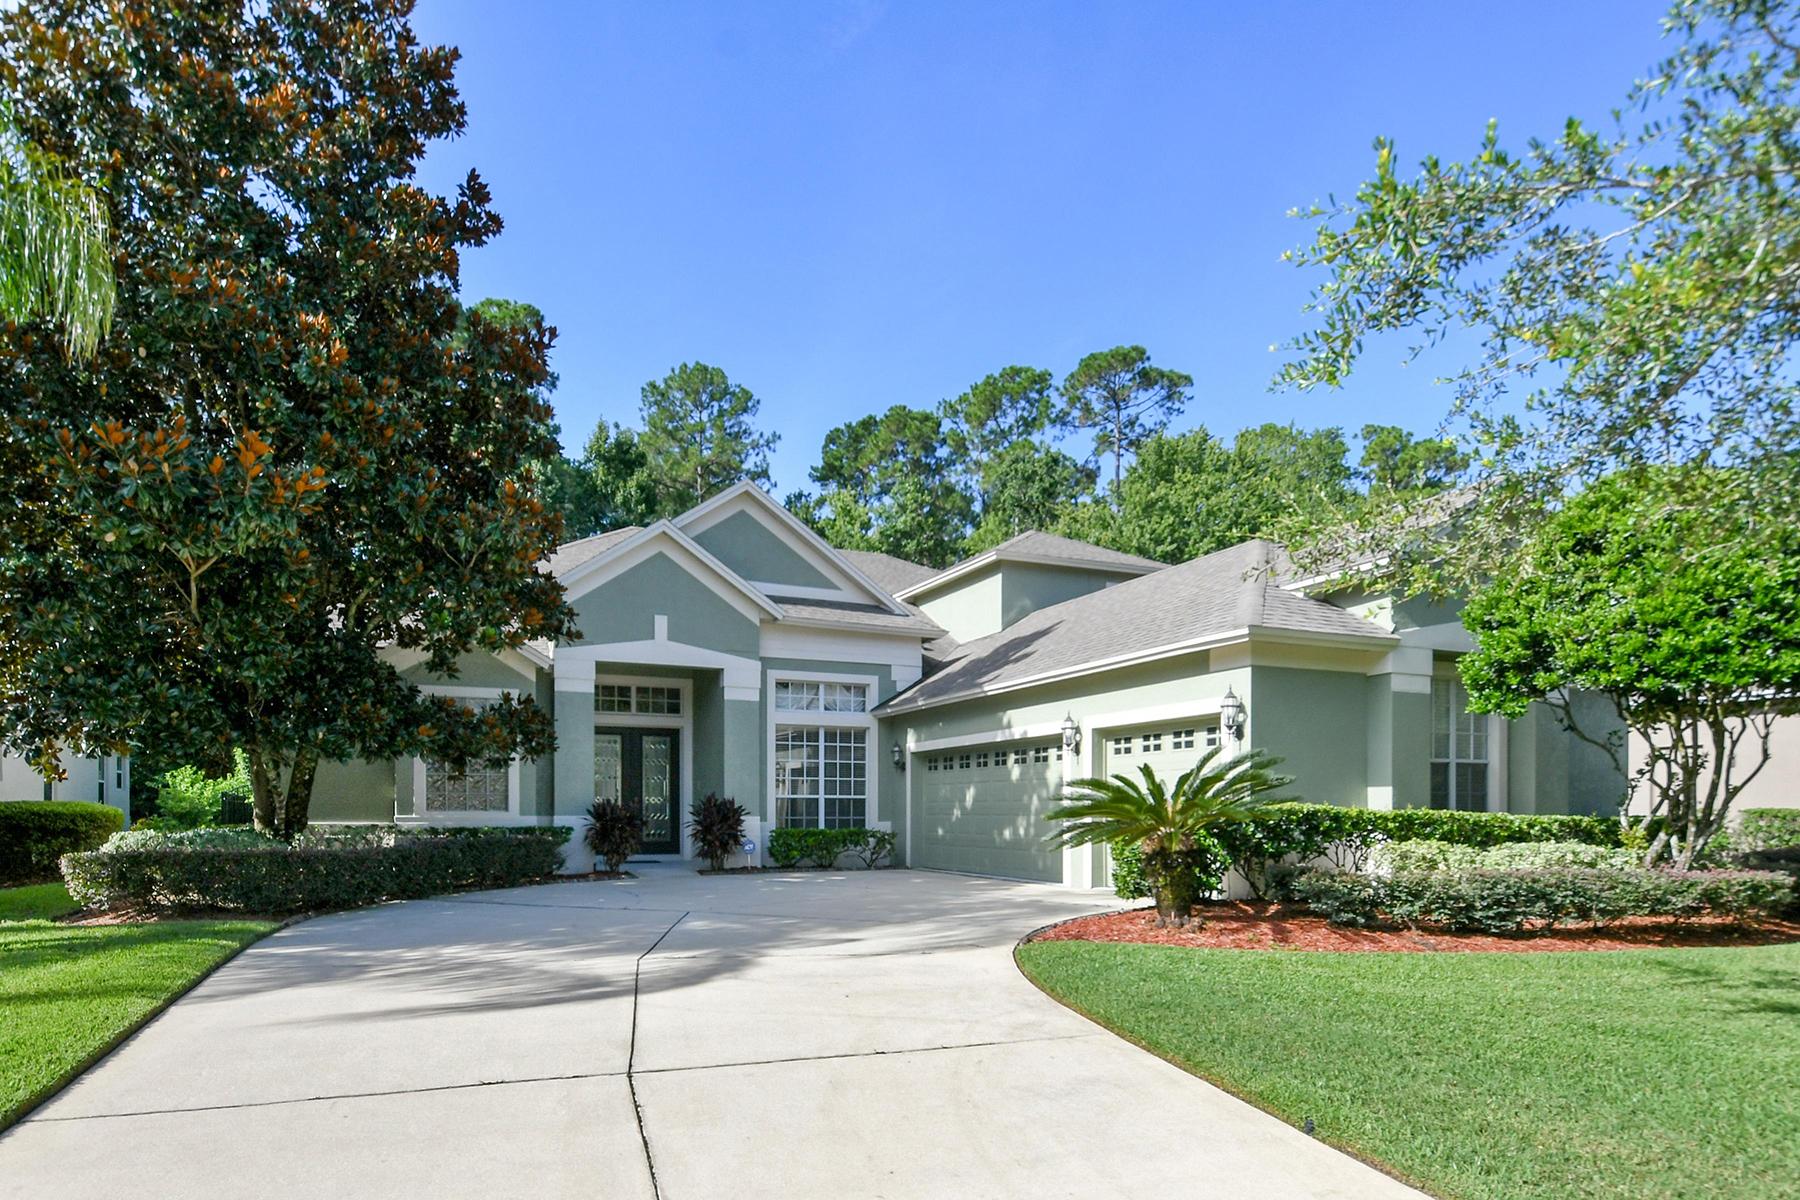 단독 가정 주택 용 매매 에 LAKE MARY - SANFORD 736 Broadoak Loop Sanford, 플로리다, 32771 미국